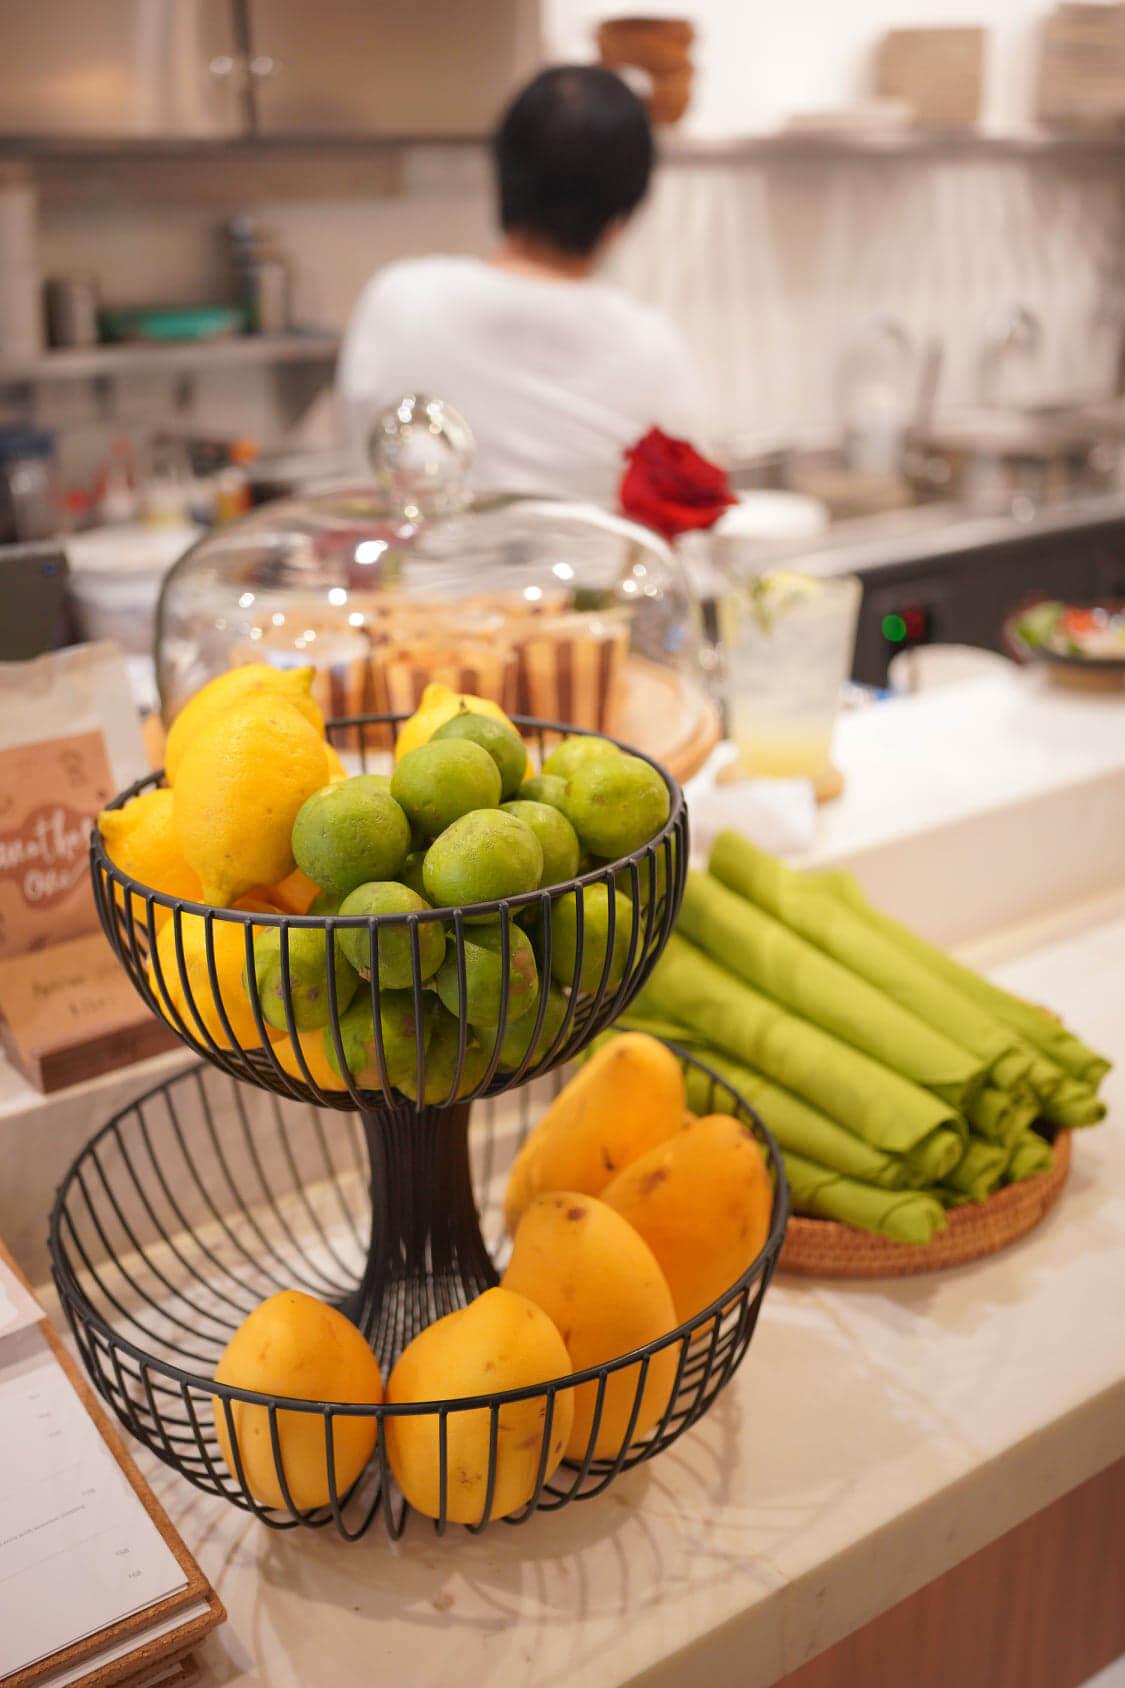 作為一間越法餐廳,店內放滿檸檬及青檸。